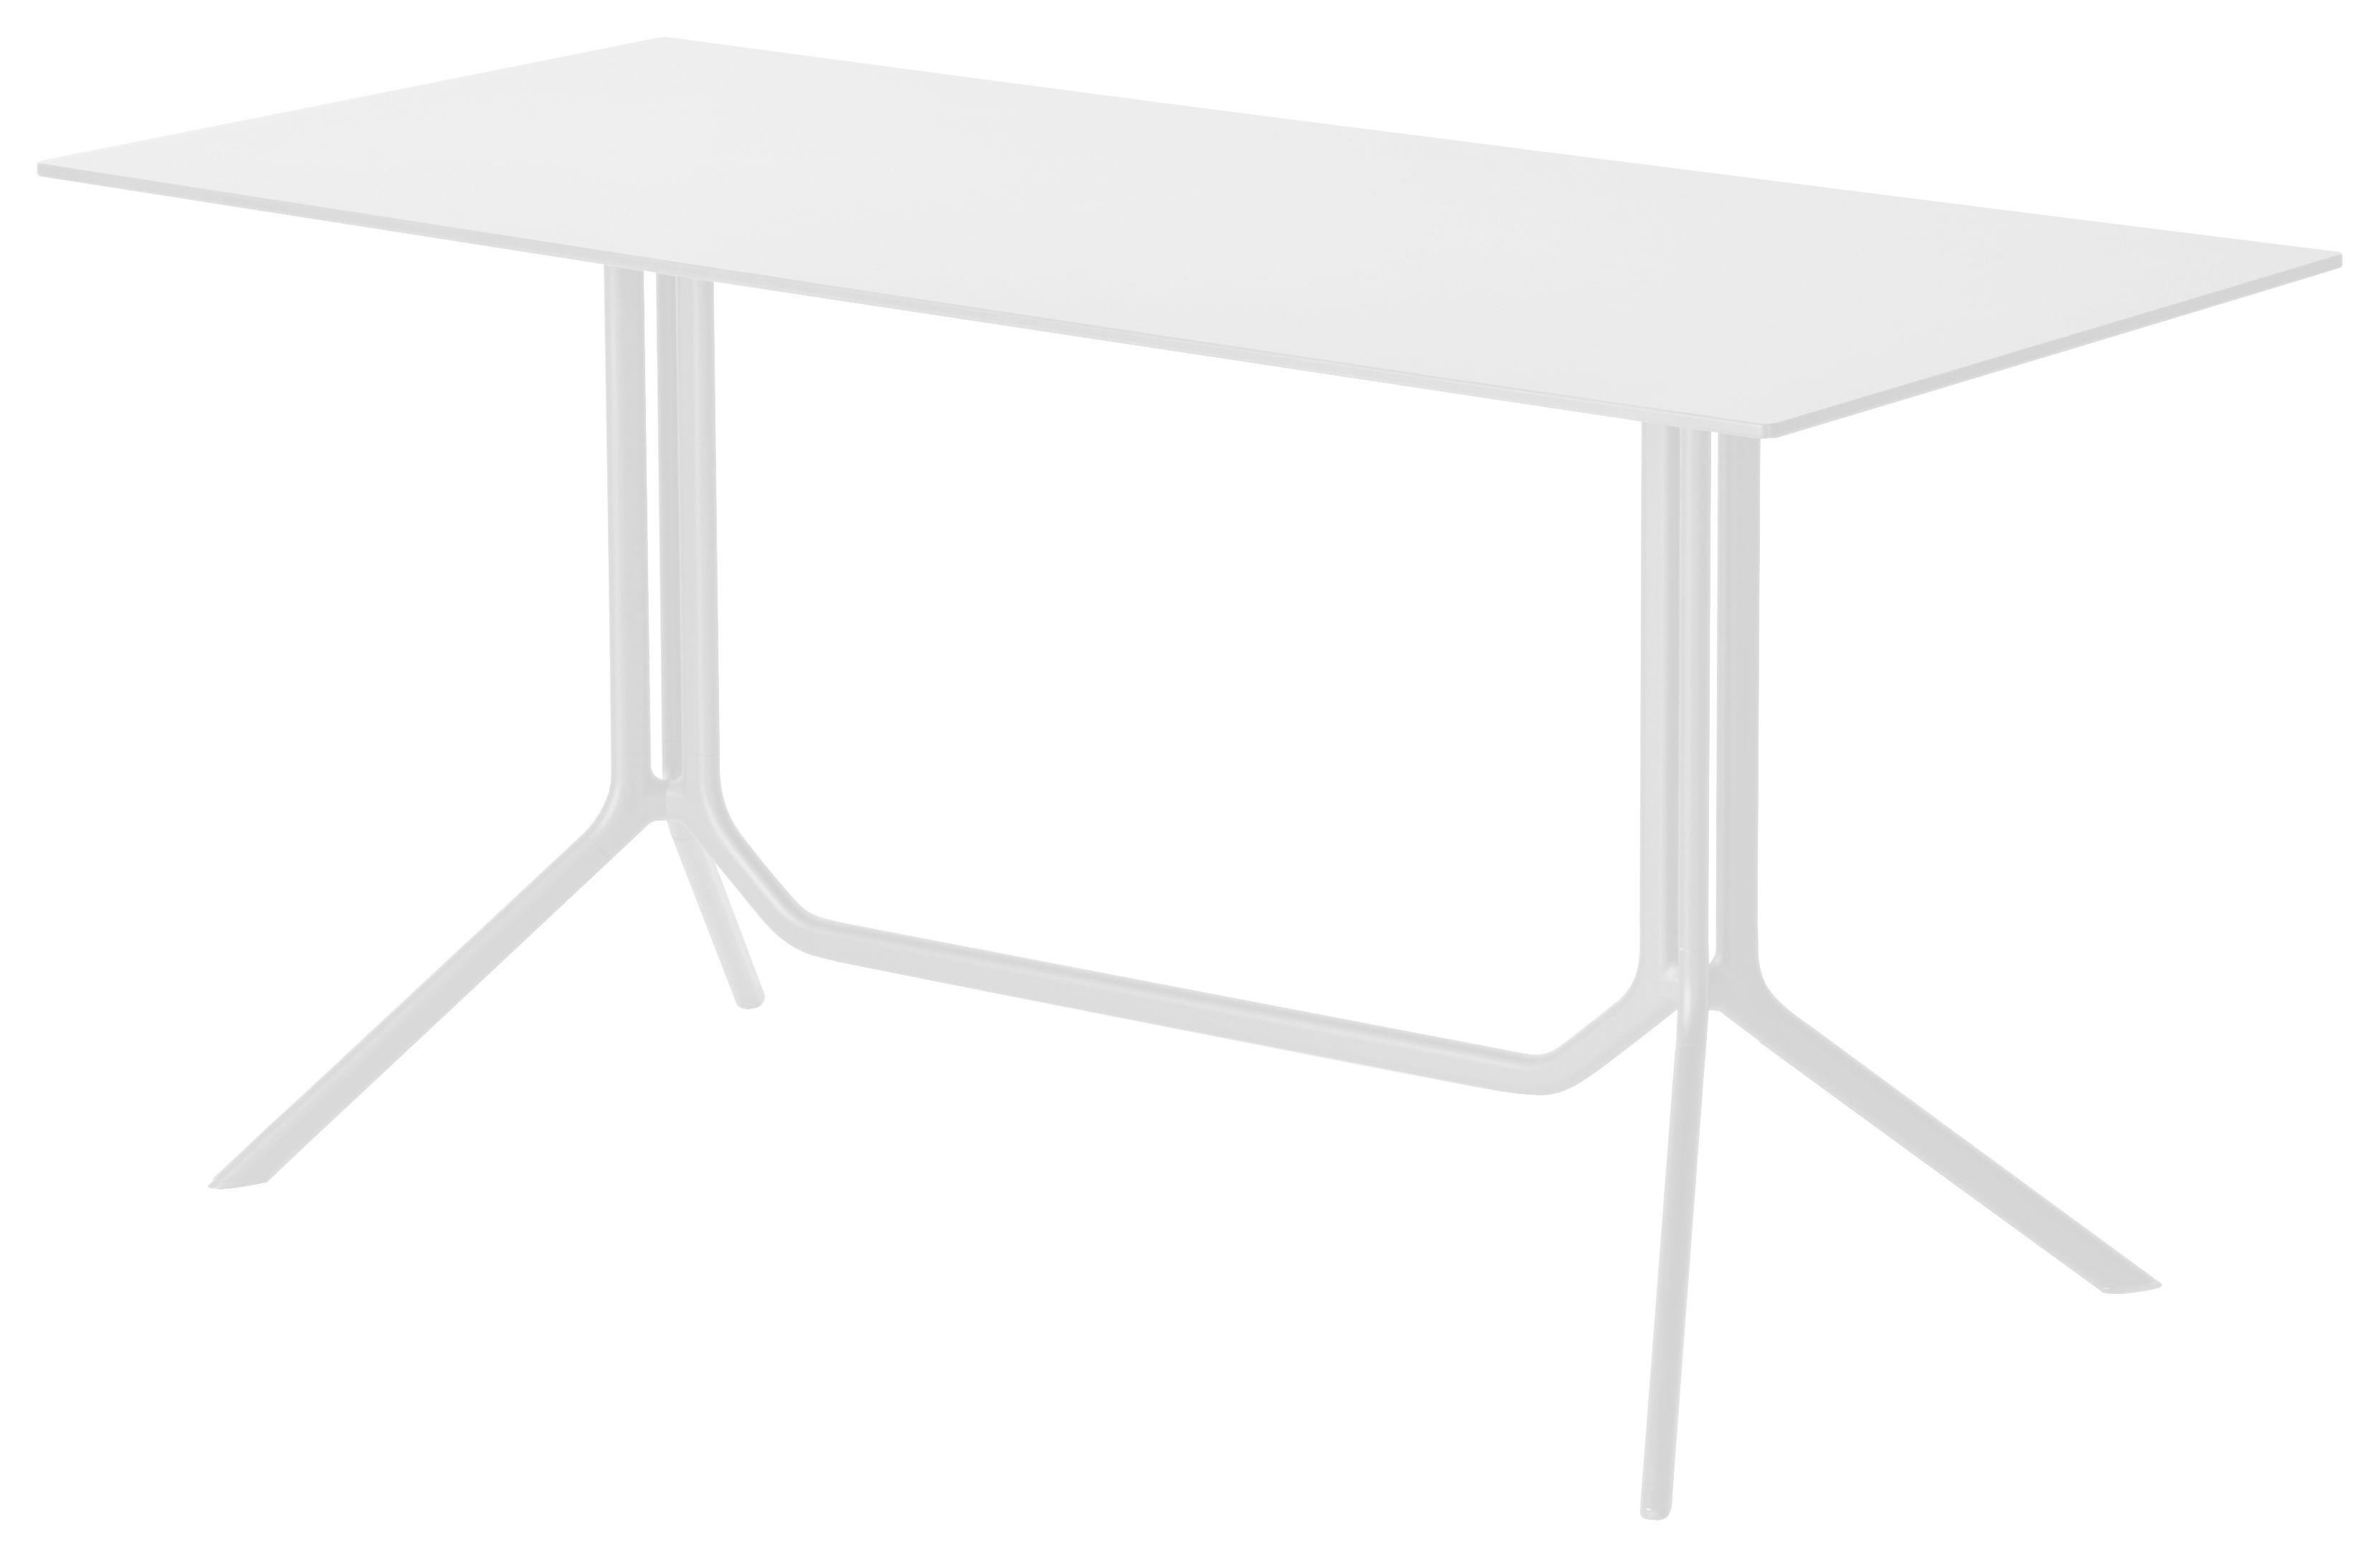 Outdoor - Tische - Poule double Klapptisch 120 x 60 cm - herunterklappbare Tischplatte - Kristalia - Laminat weiß (